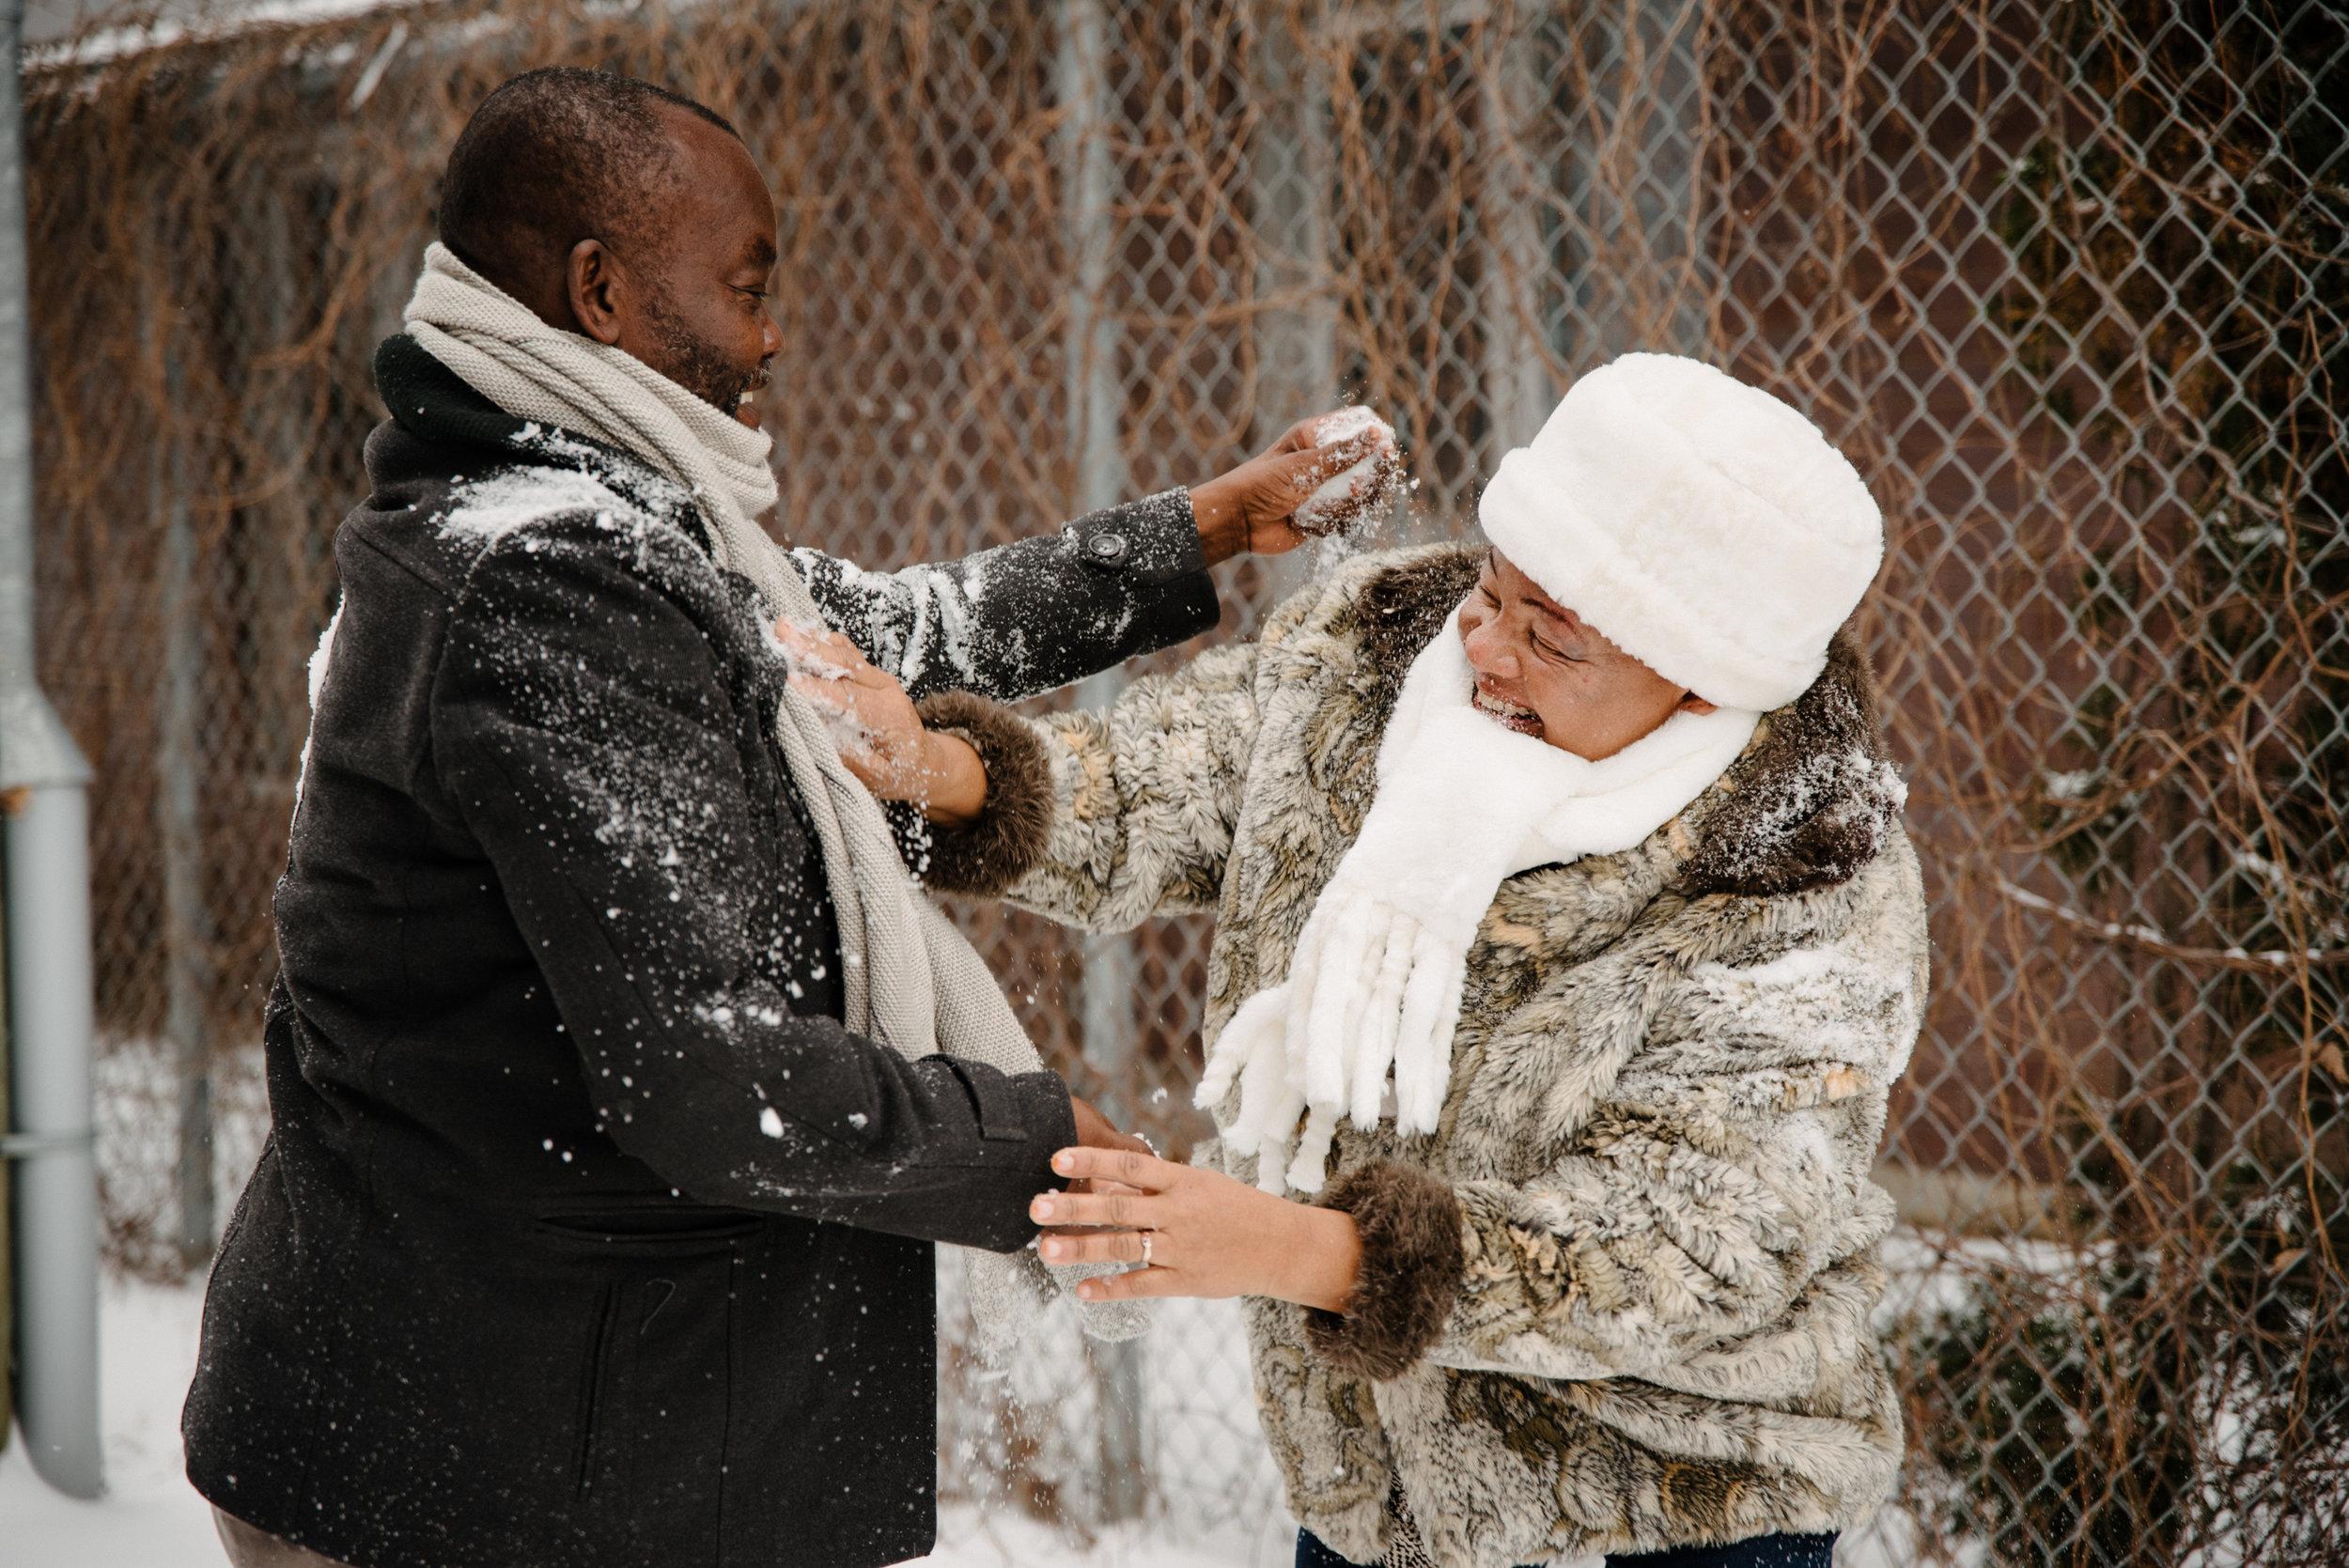 photo-de-famille-qui-joue-dans-la-neige-ruelle-montrealaise-photographe-de-famille-a-montreal-marianne-charland-1613.jpg